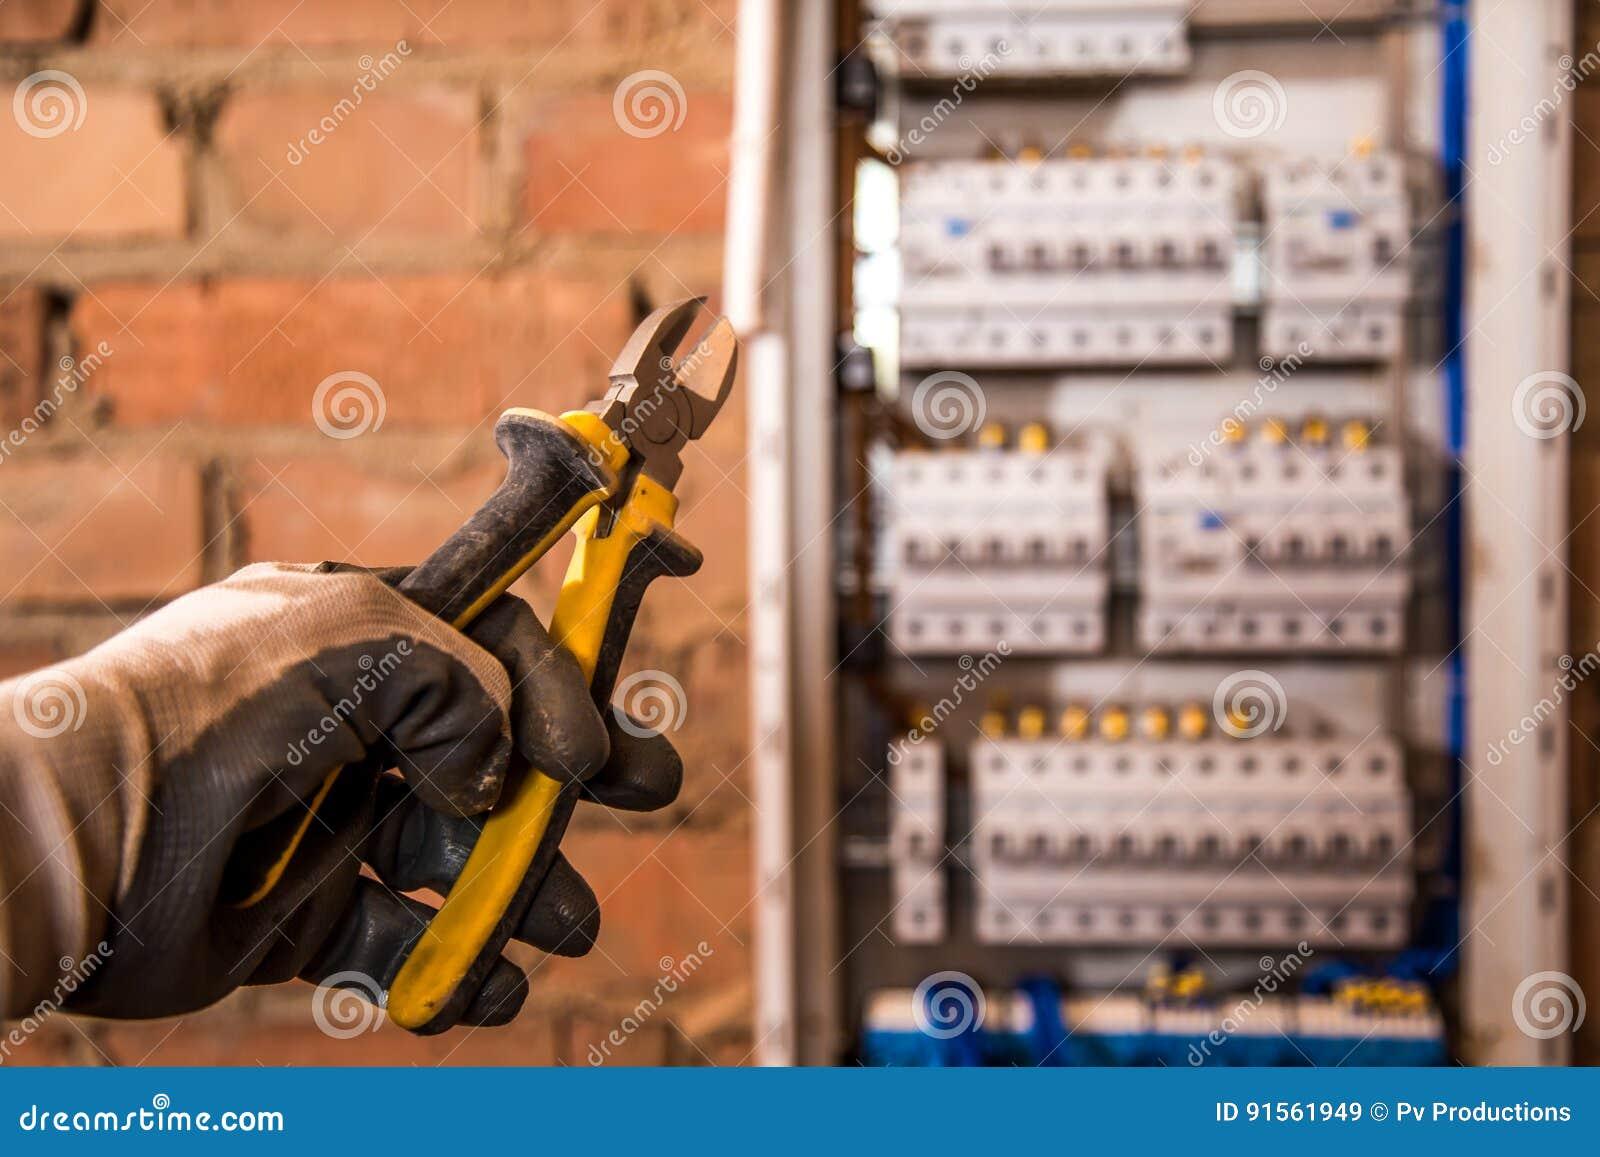 电子盘区、电工工作、一个机器人有导线的和开关的装配